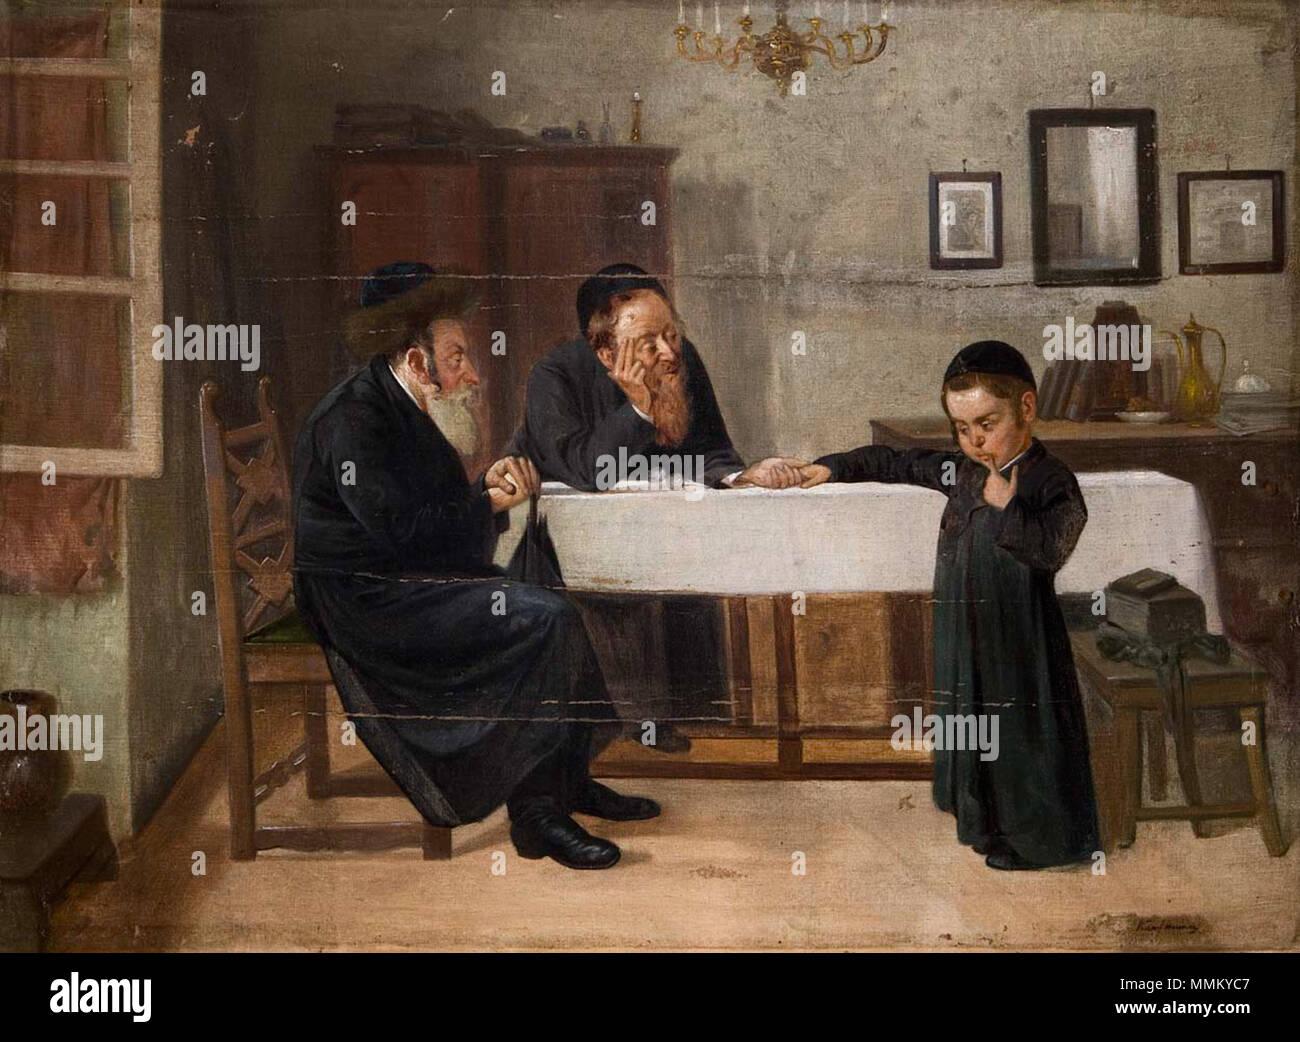 . Interieur mit Rabbiner, Vater und Sohn. Öl auf Leinwand, undeutlich signiert, 73.5 x 100.5 cm  . 19th century. Anonymous Interieur mit Rabbiner Vater und Sohn Stock Photo